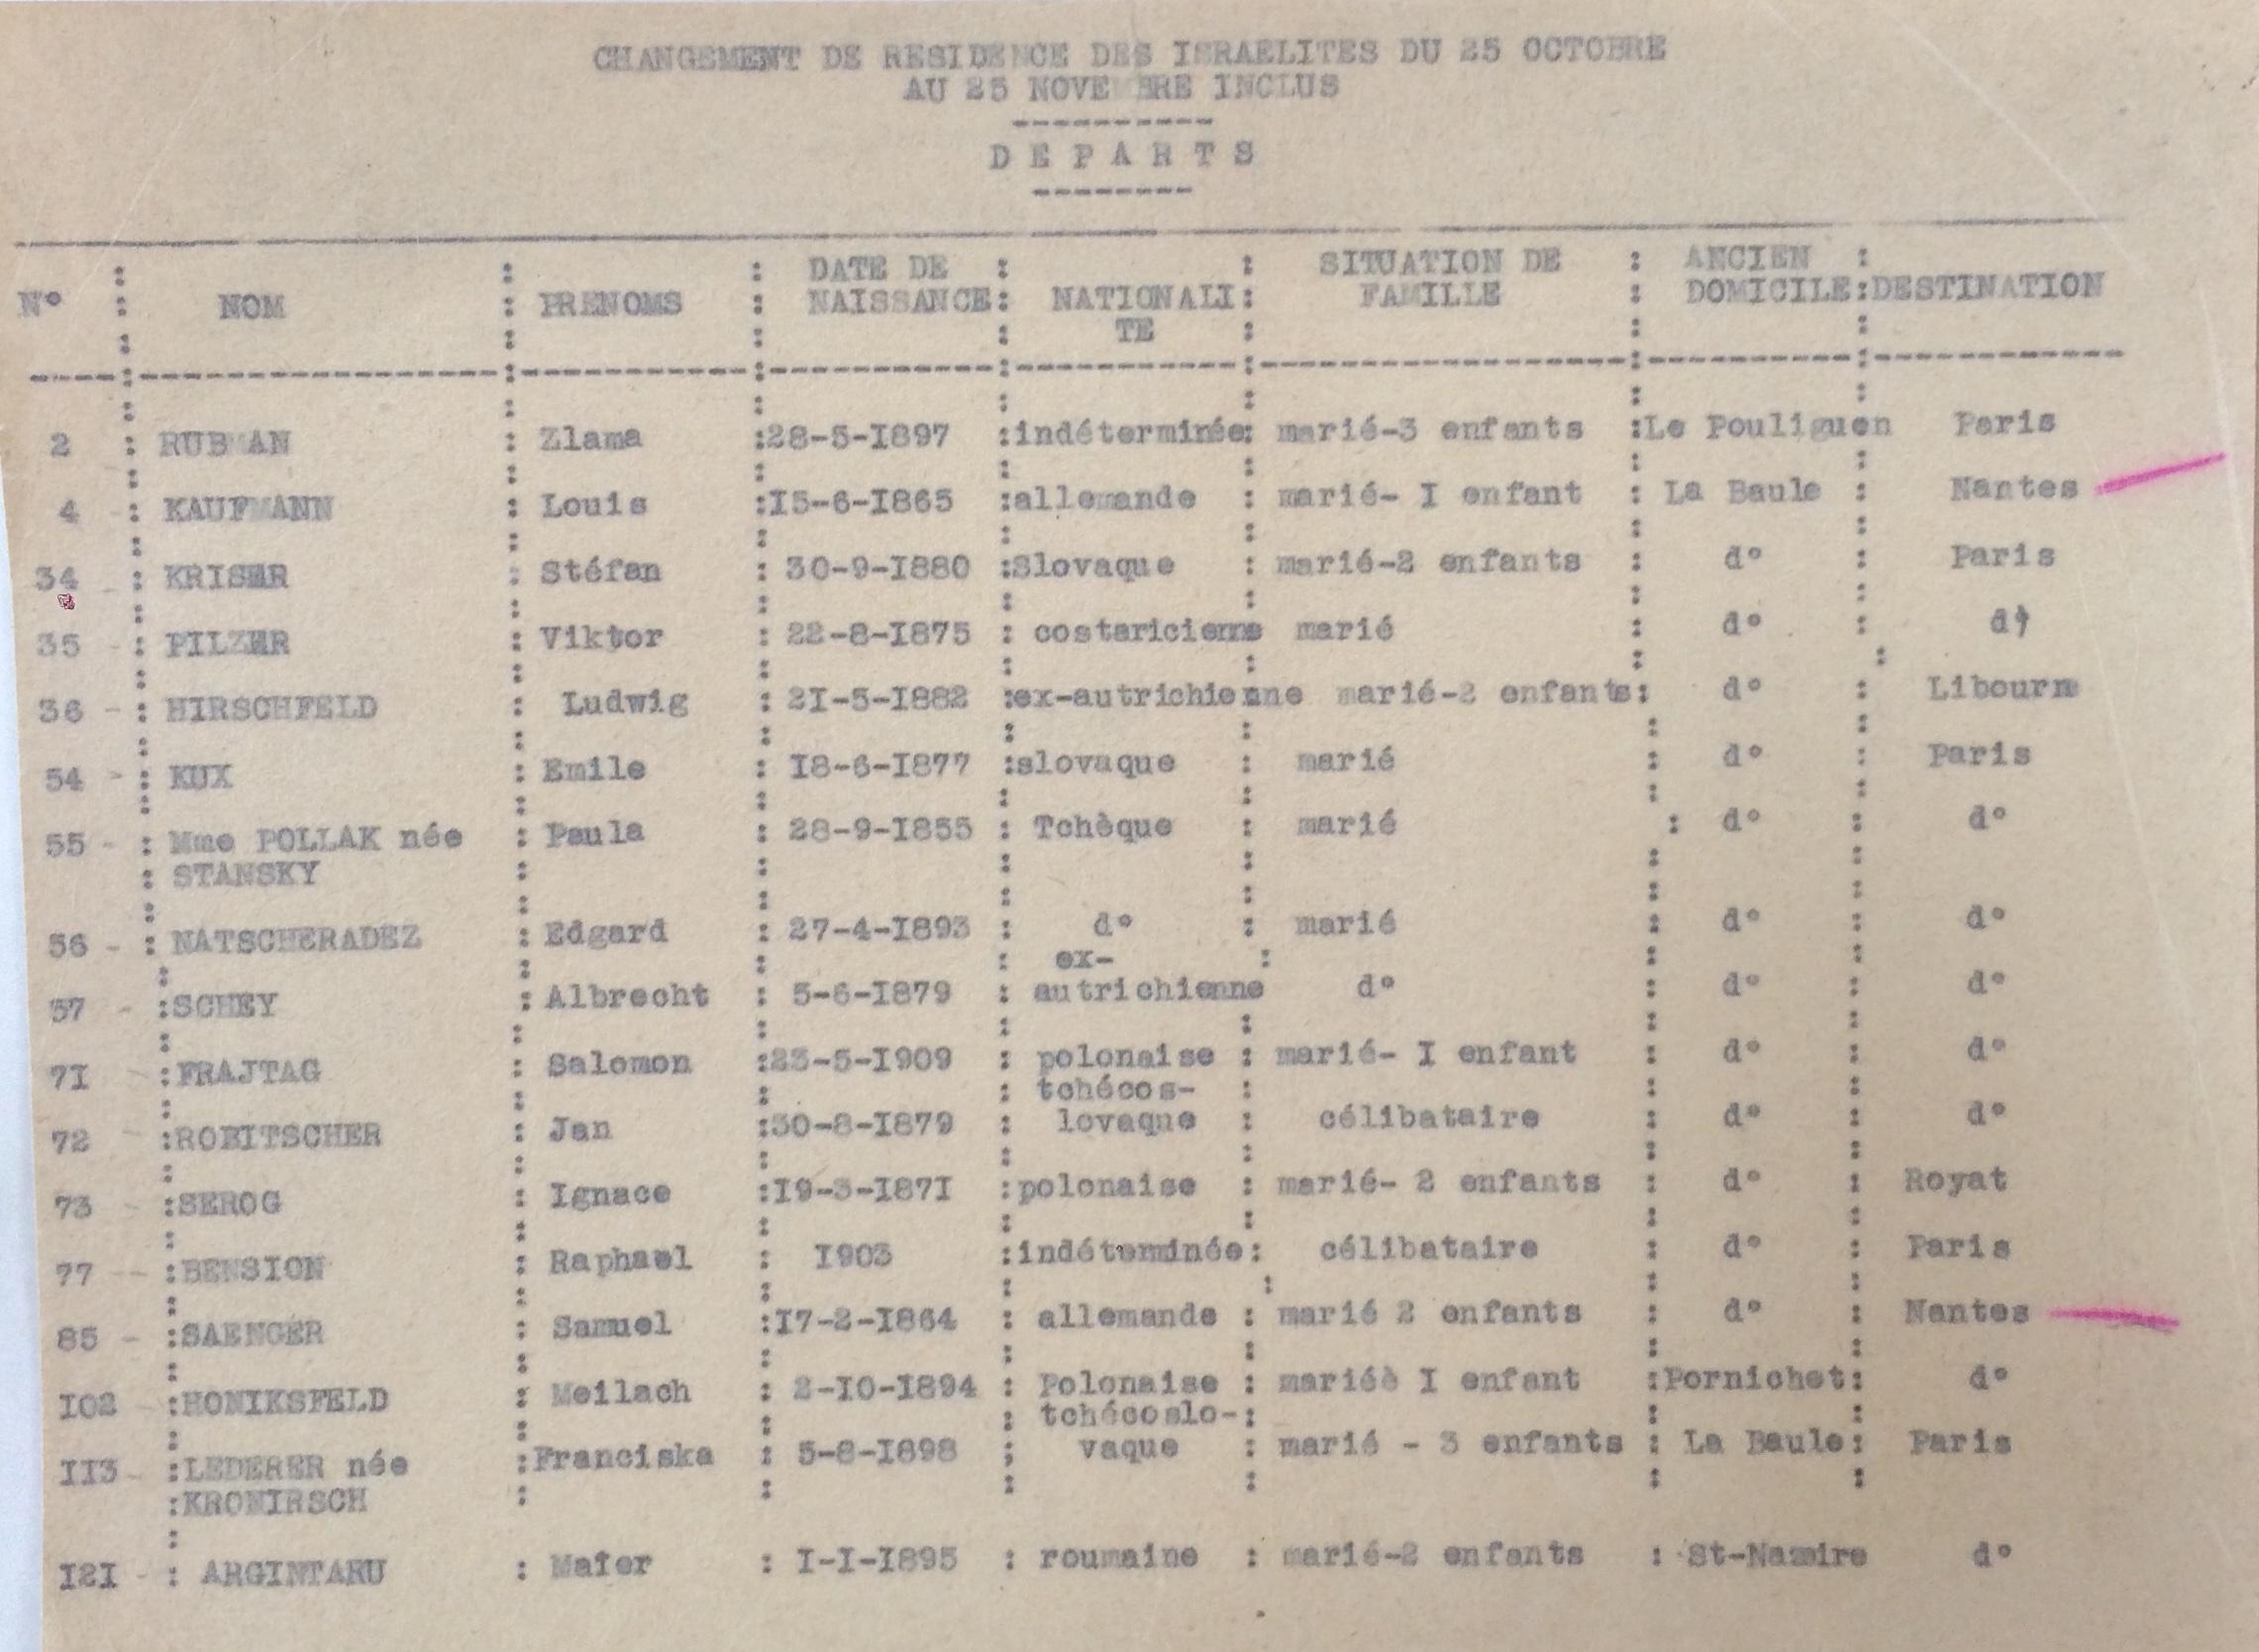 Contrôle déplacement Israélites novembre 1940 [ADLA 1694W25]